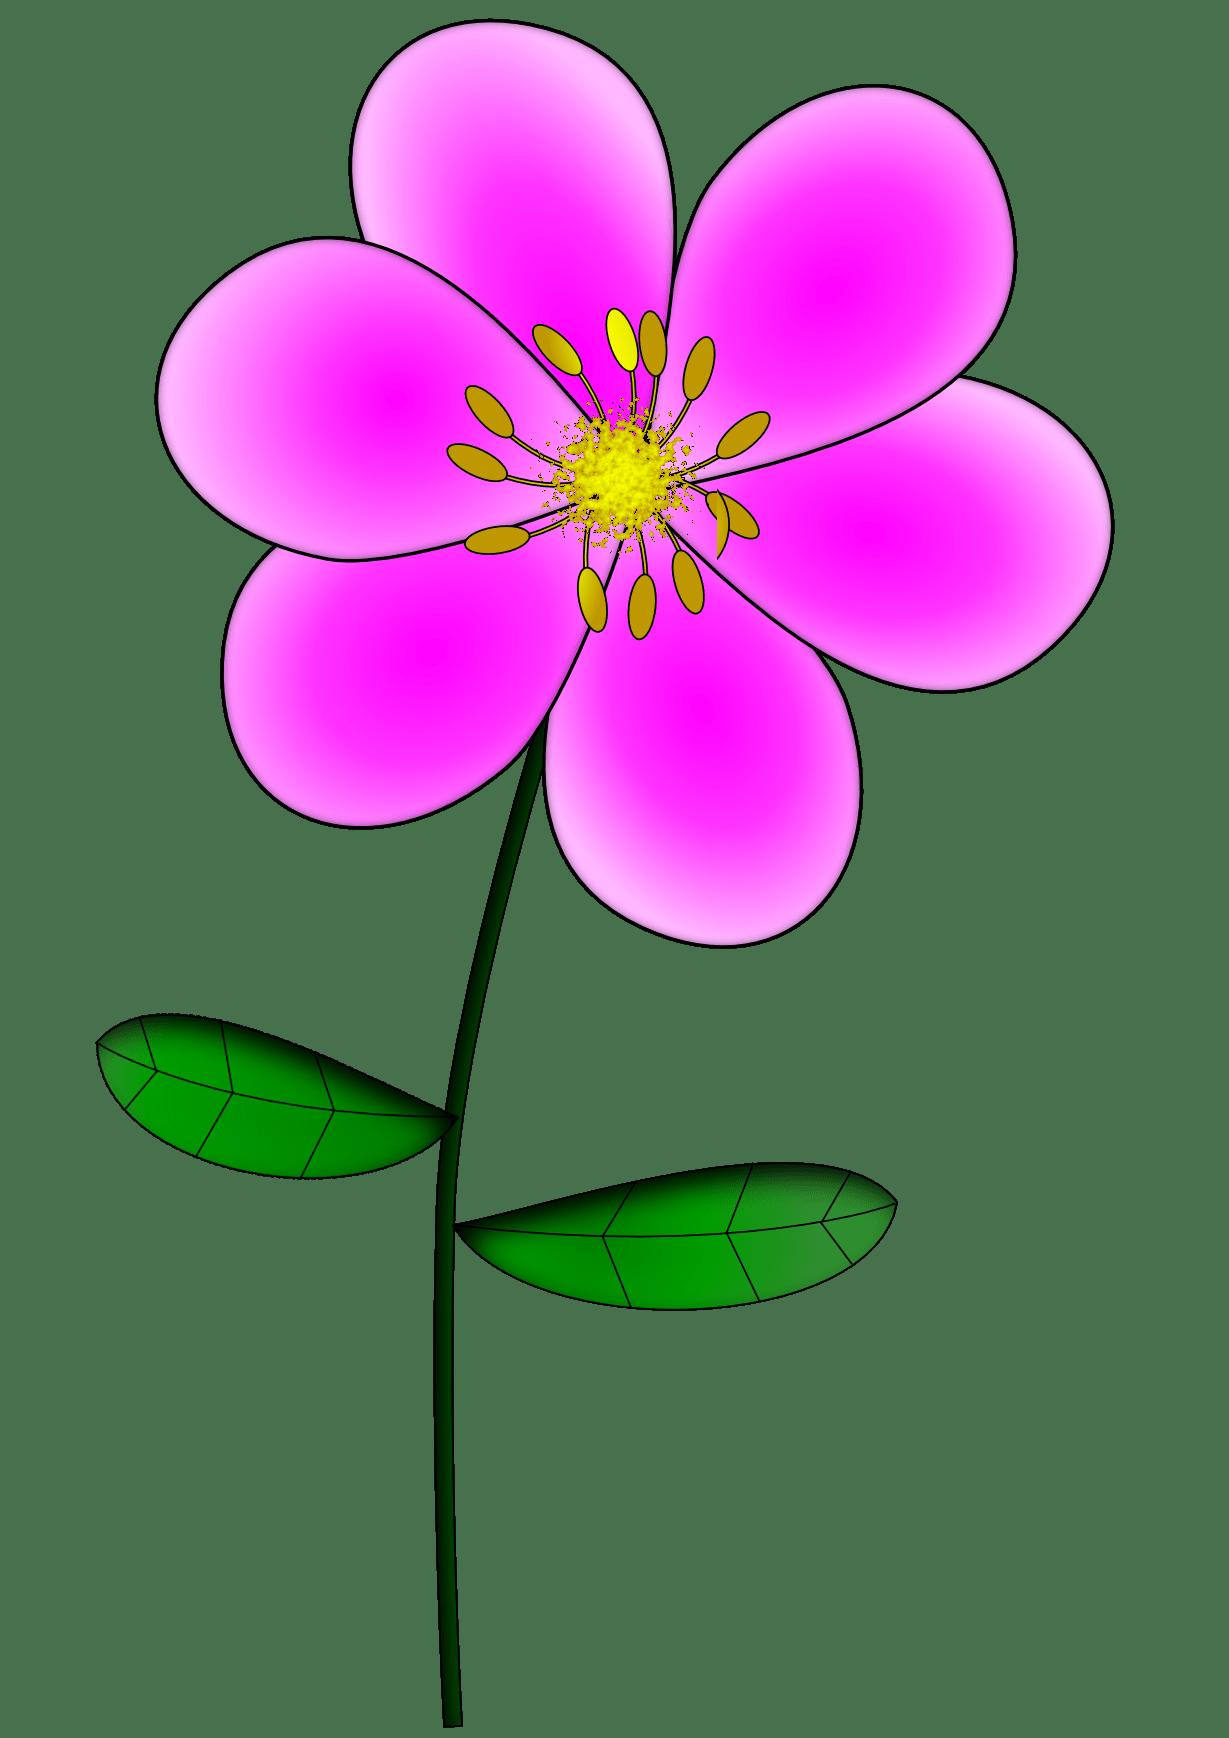 Light Pink Cartoon Flower - ClipArt Best (1229 x 1738 Pixel)